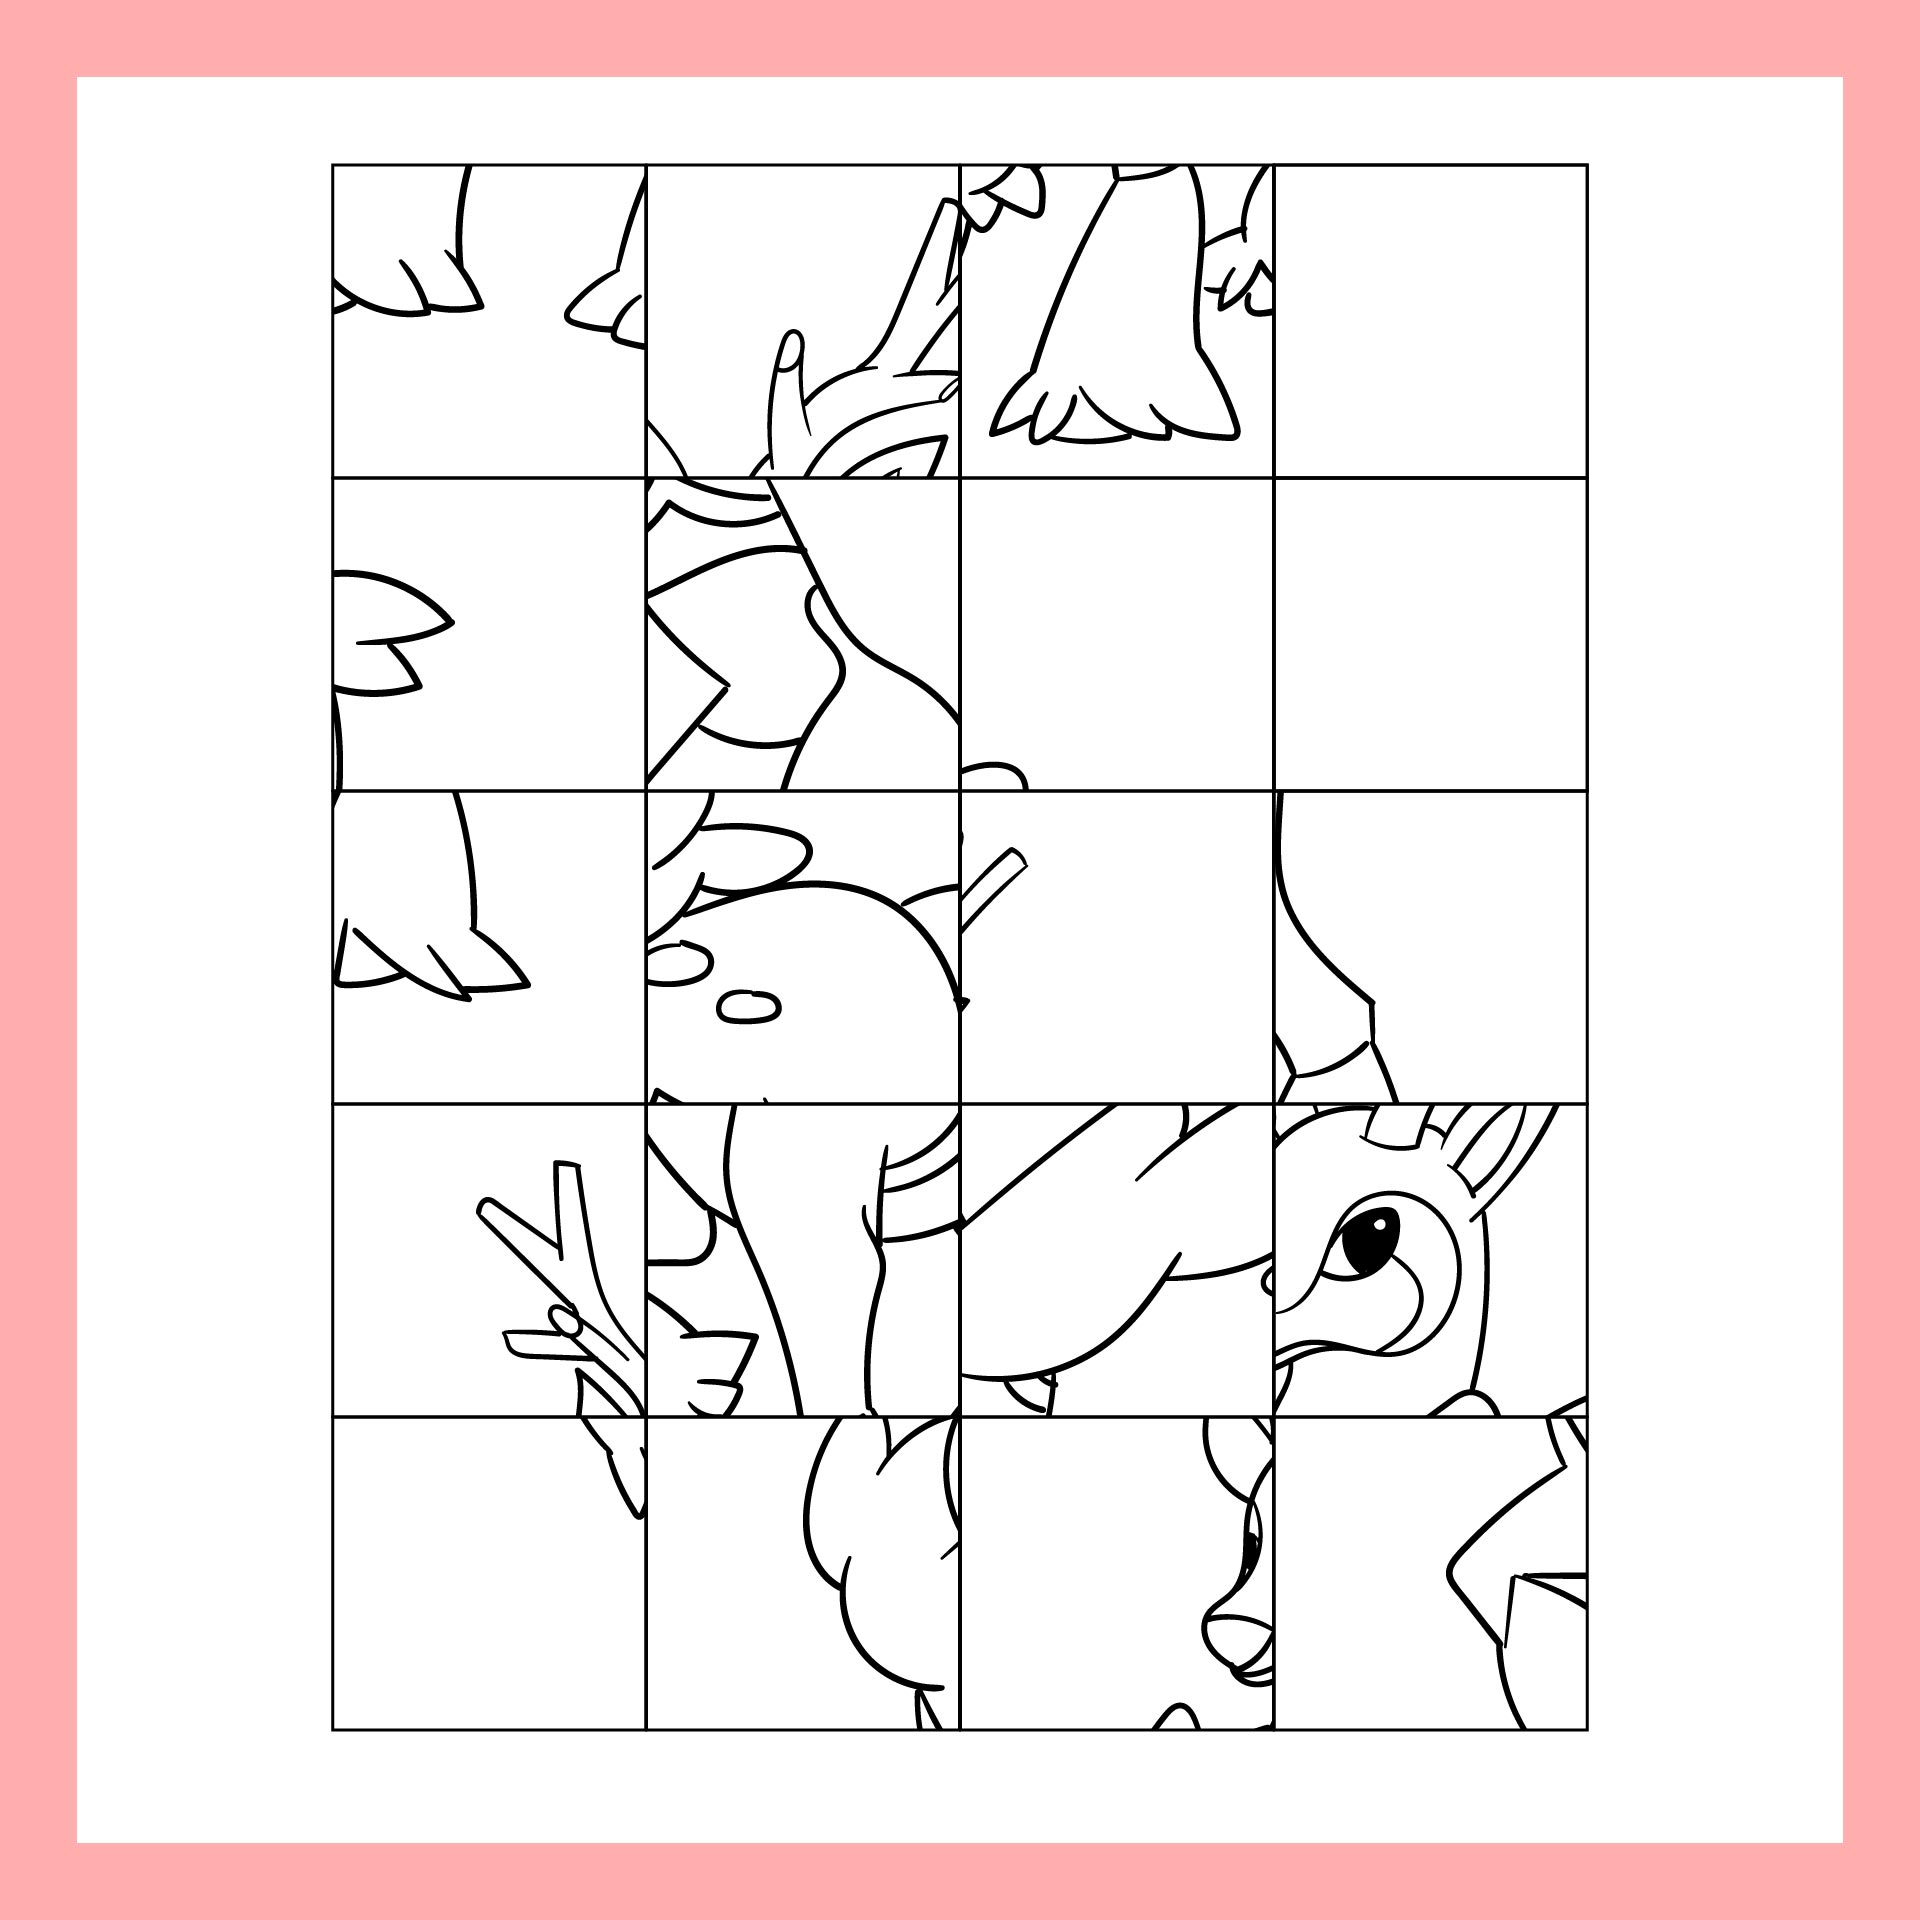 Mystery Grid Drawing Deer